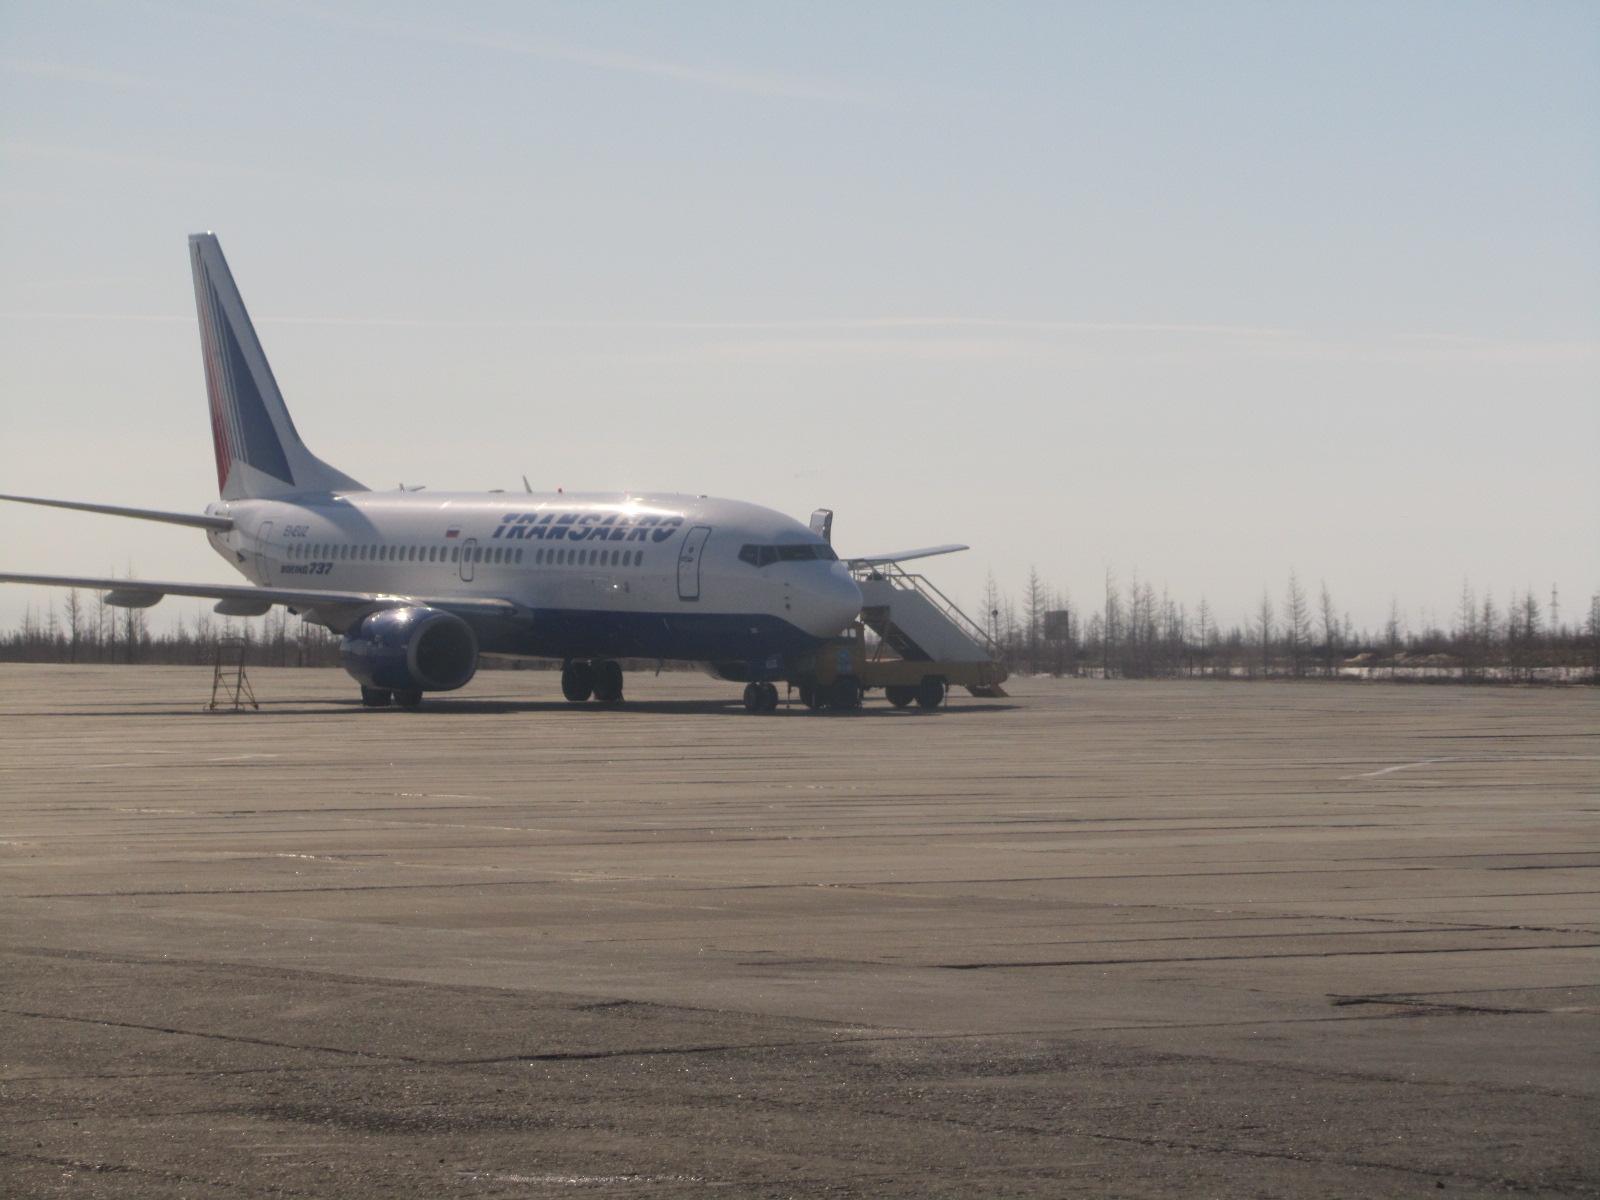 Боинг-737 авиакомпании Трансаэро в аэропорту Нового Уренгоя